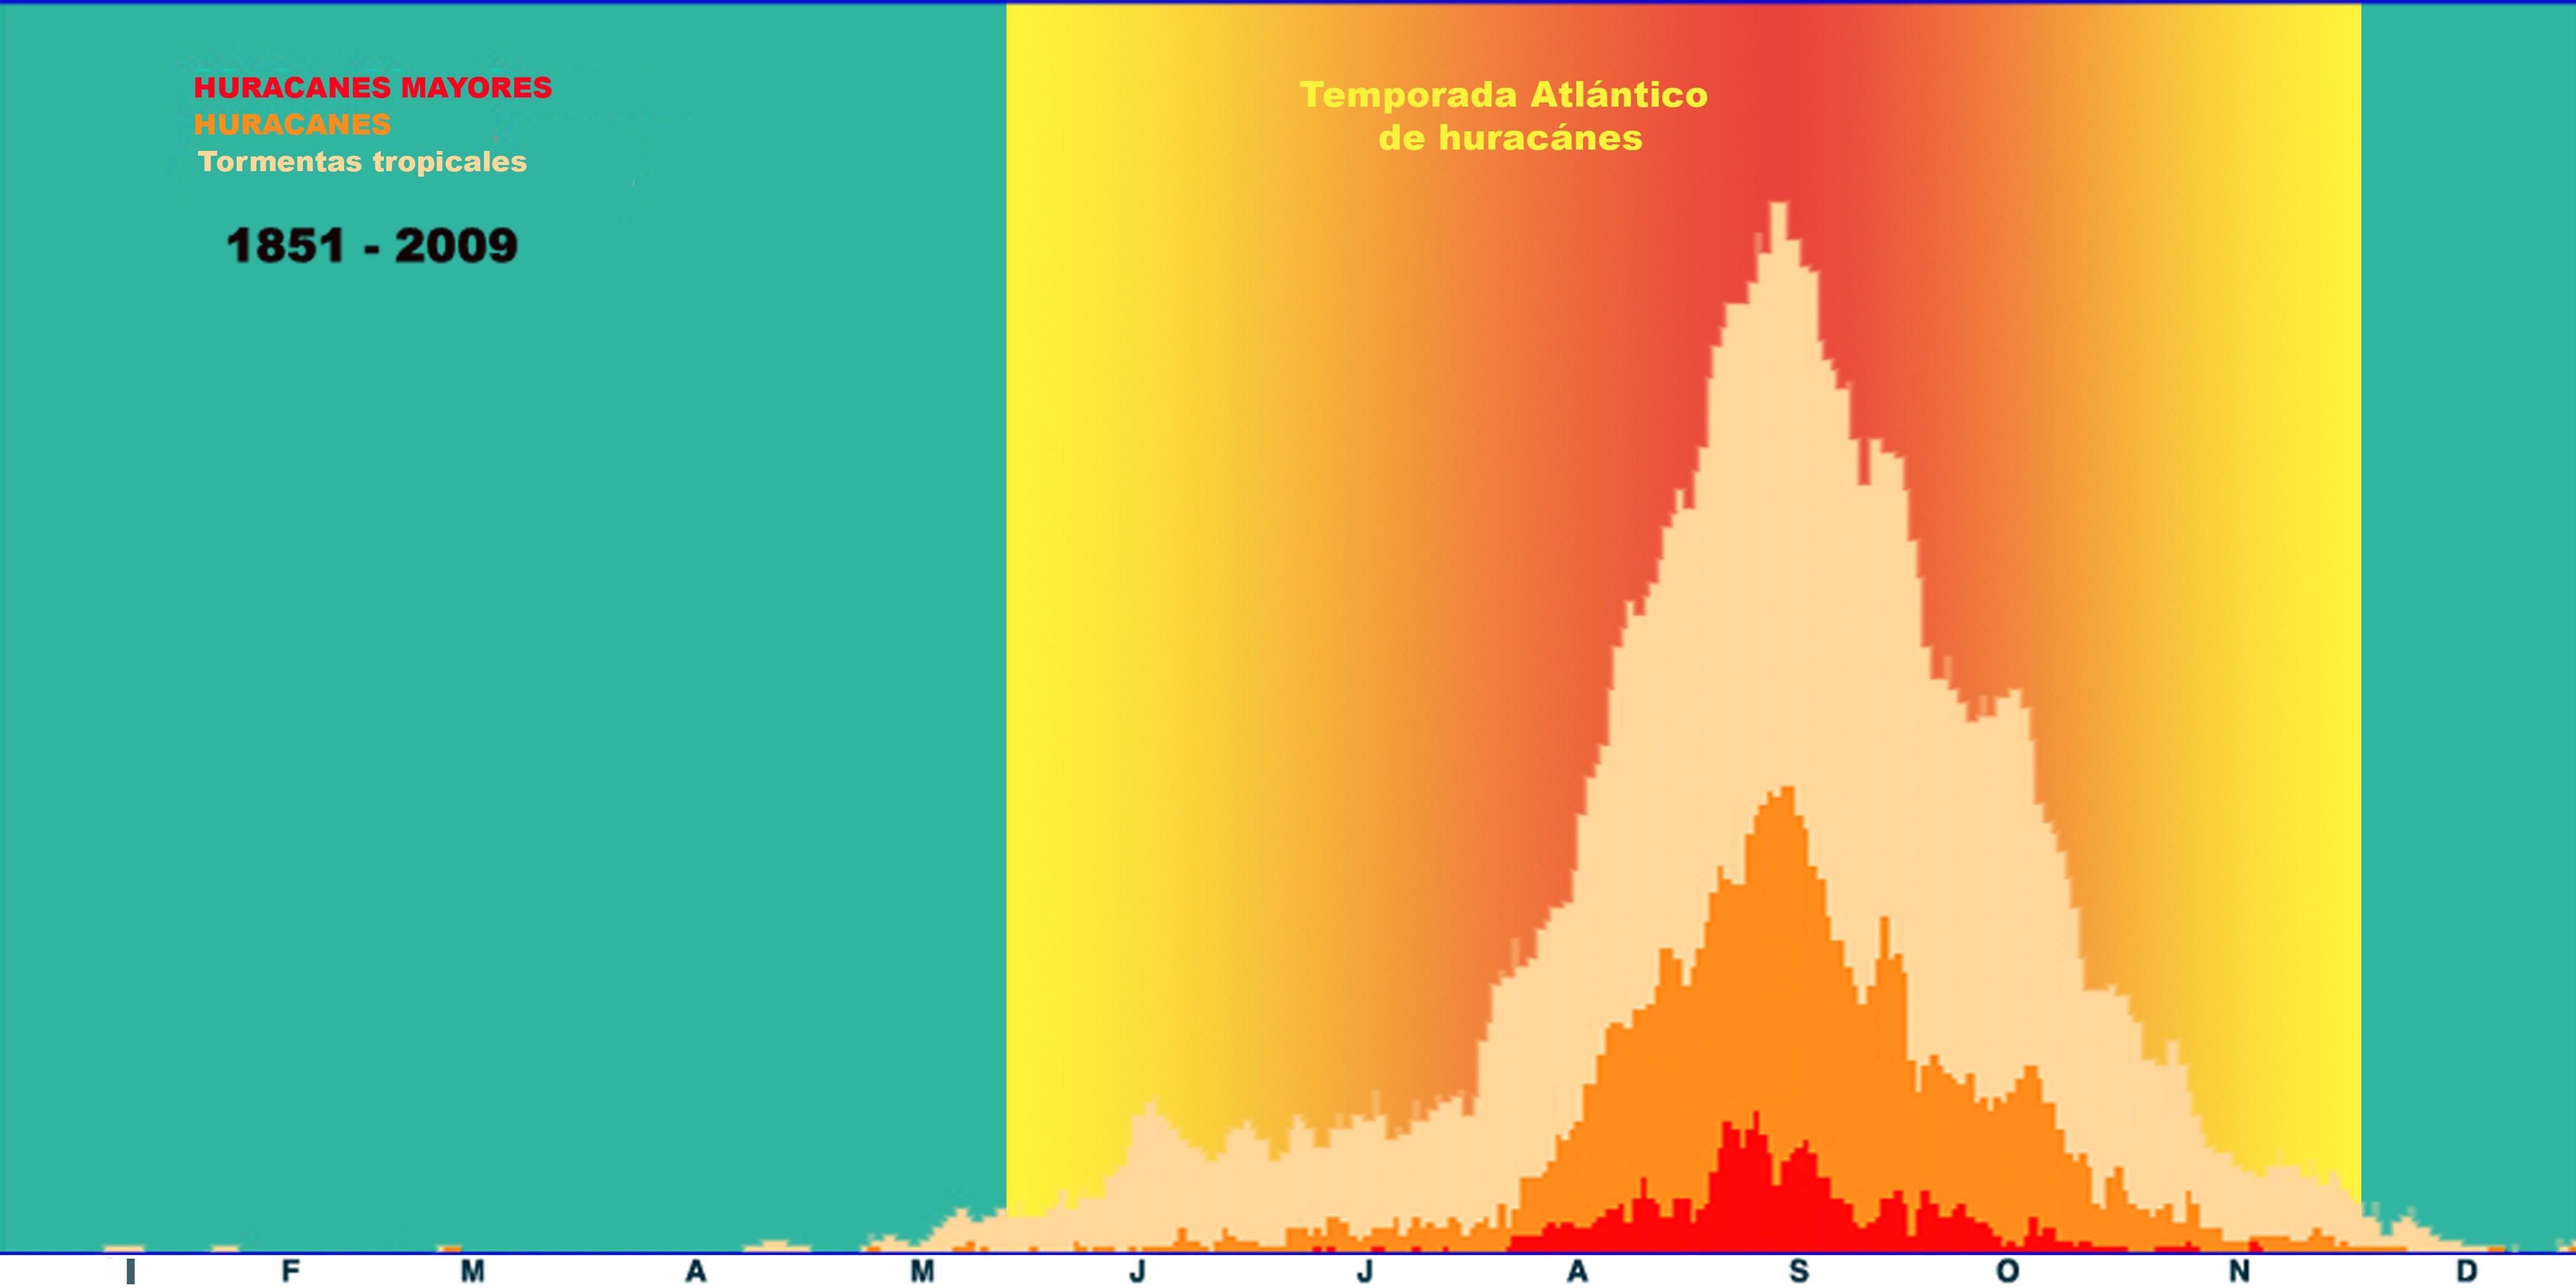 Temporada de huracanes en el Atlántico. Período 1851-2009.